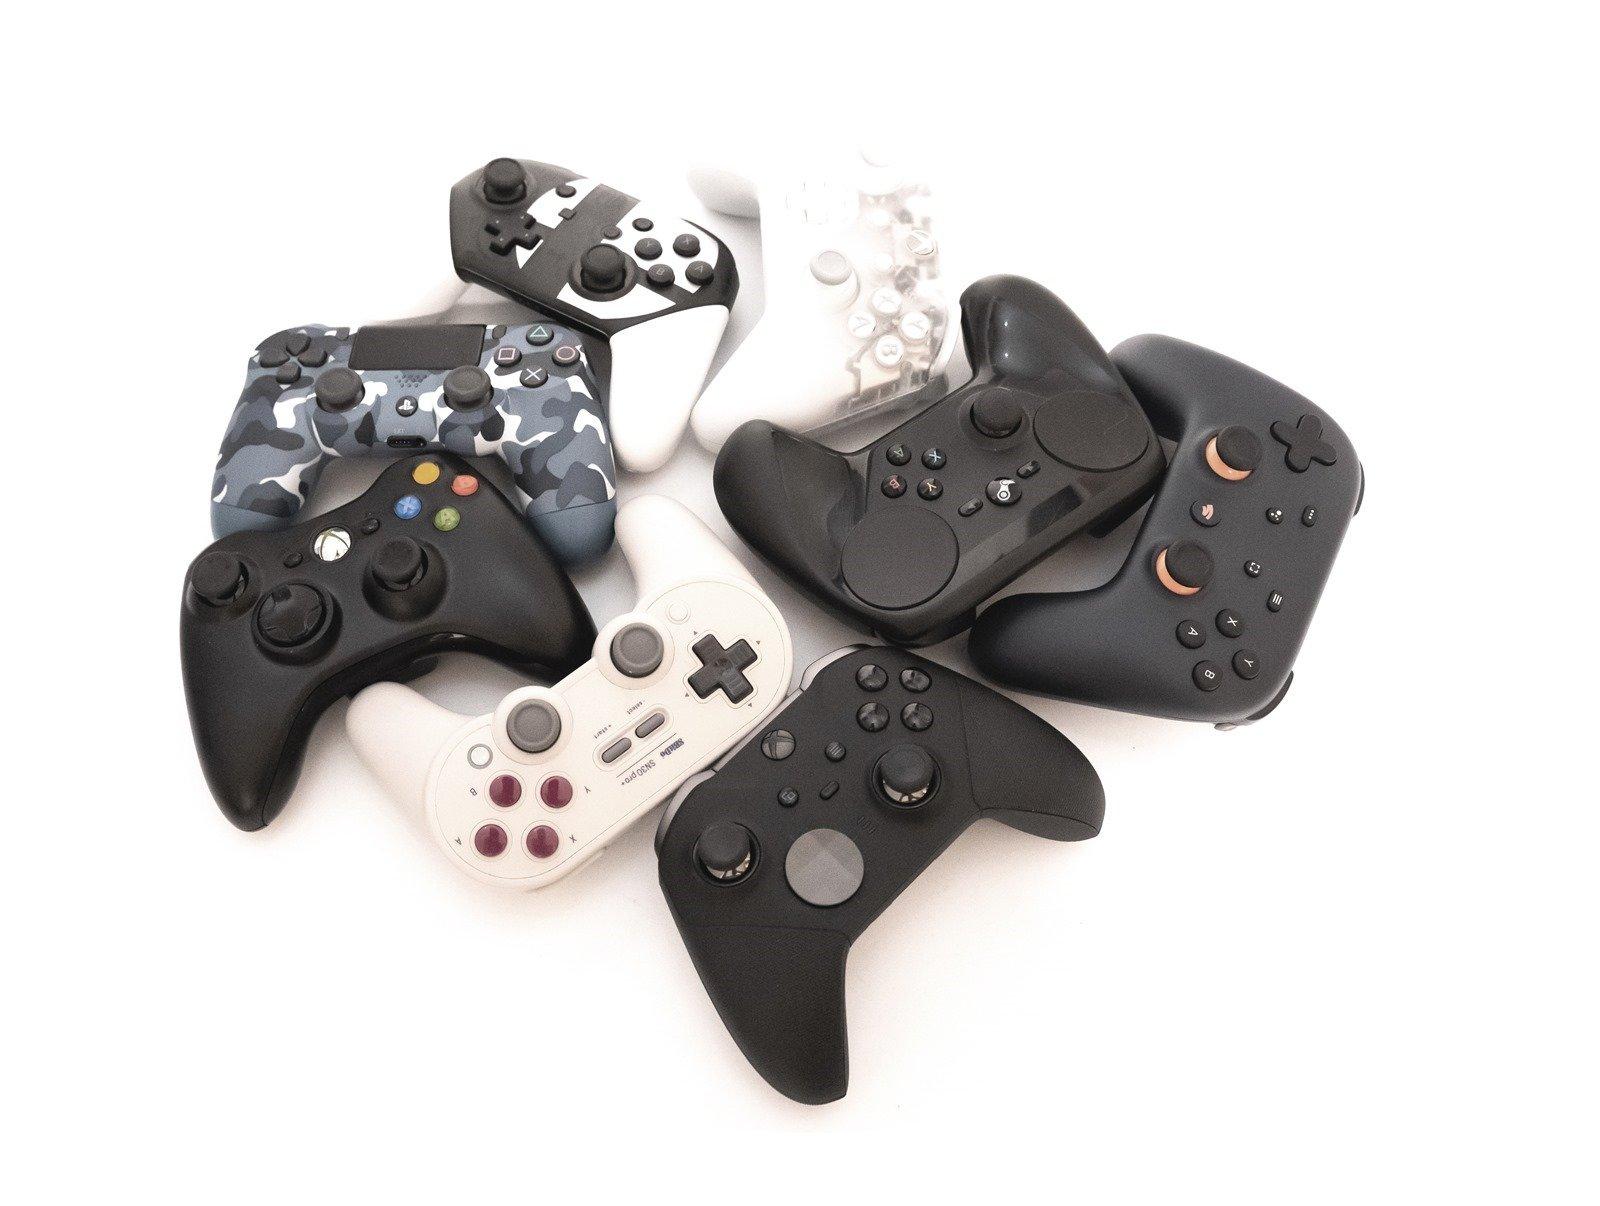 最強菁英手把開箱!Xbox Elite 無線控制器 Series 2 台灣版入手開箱 @3C 達人廖阿輝